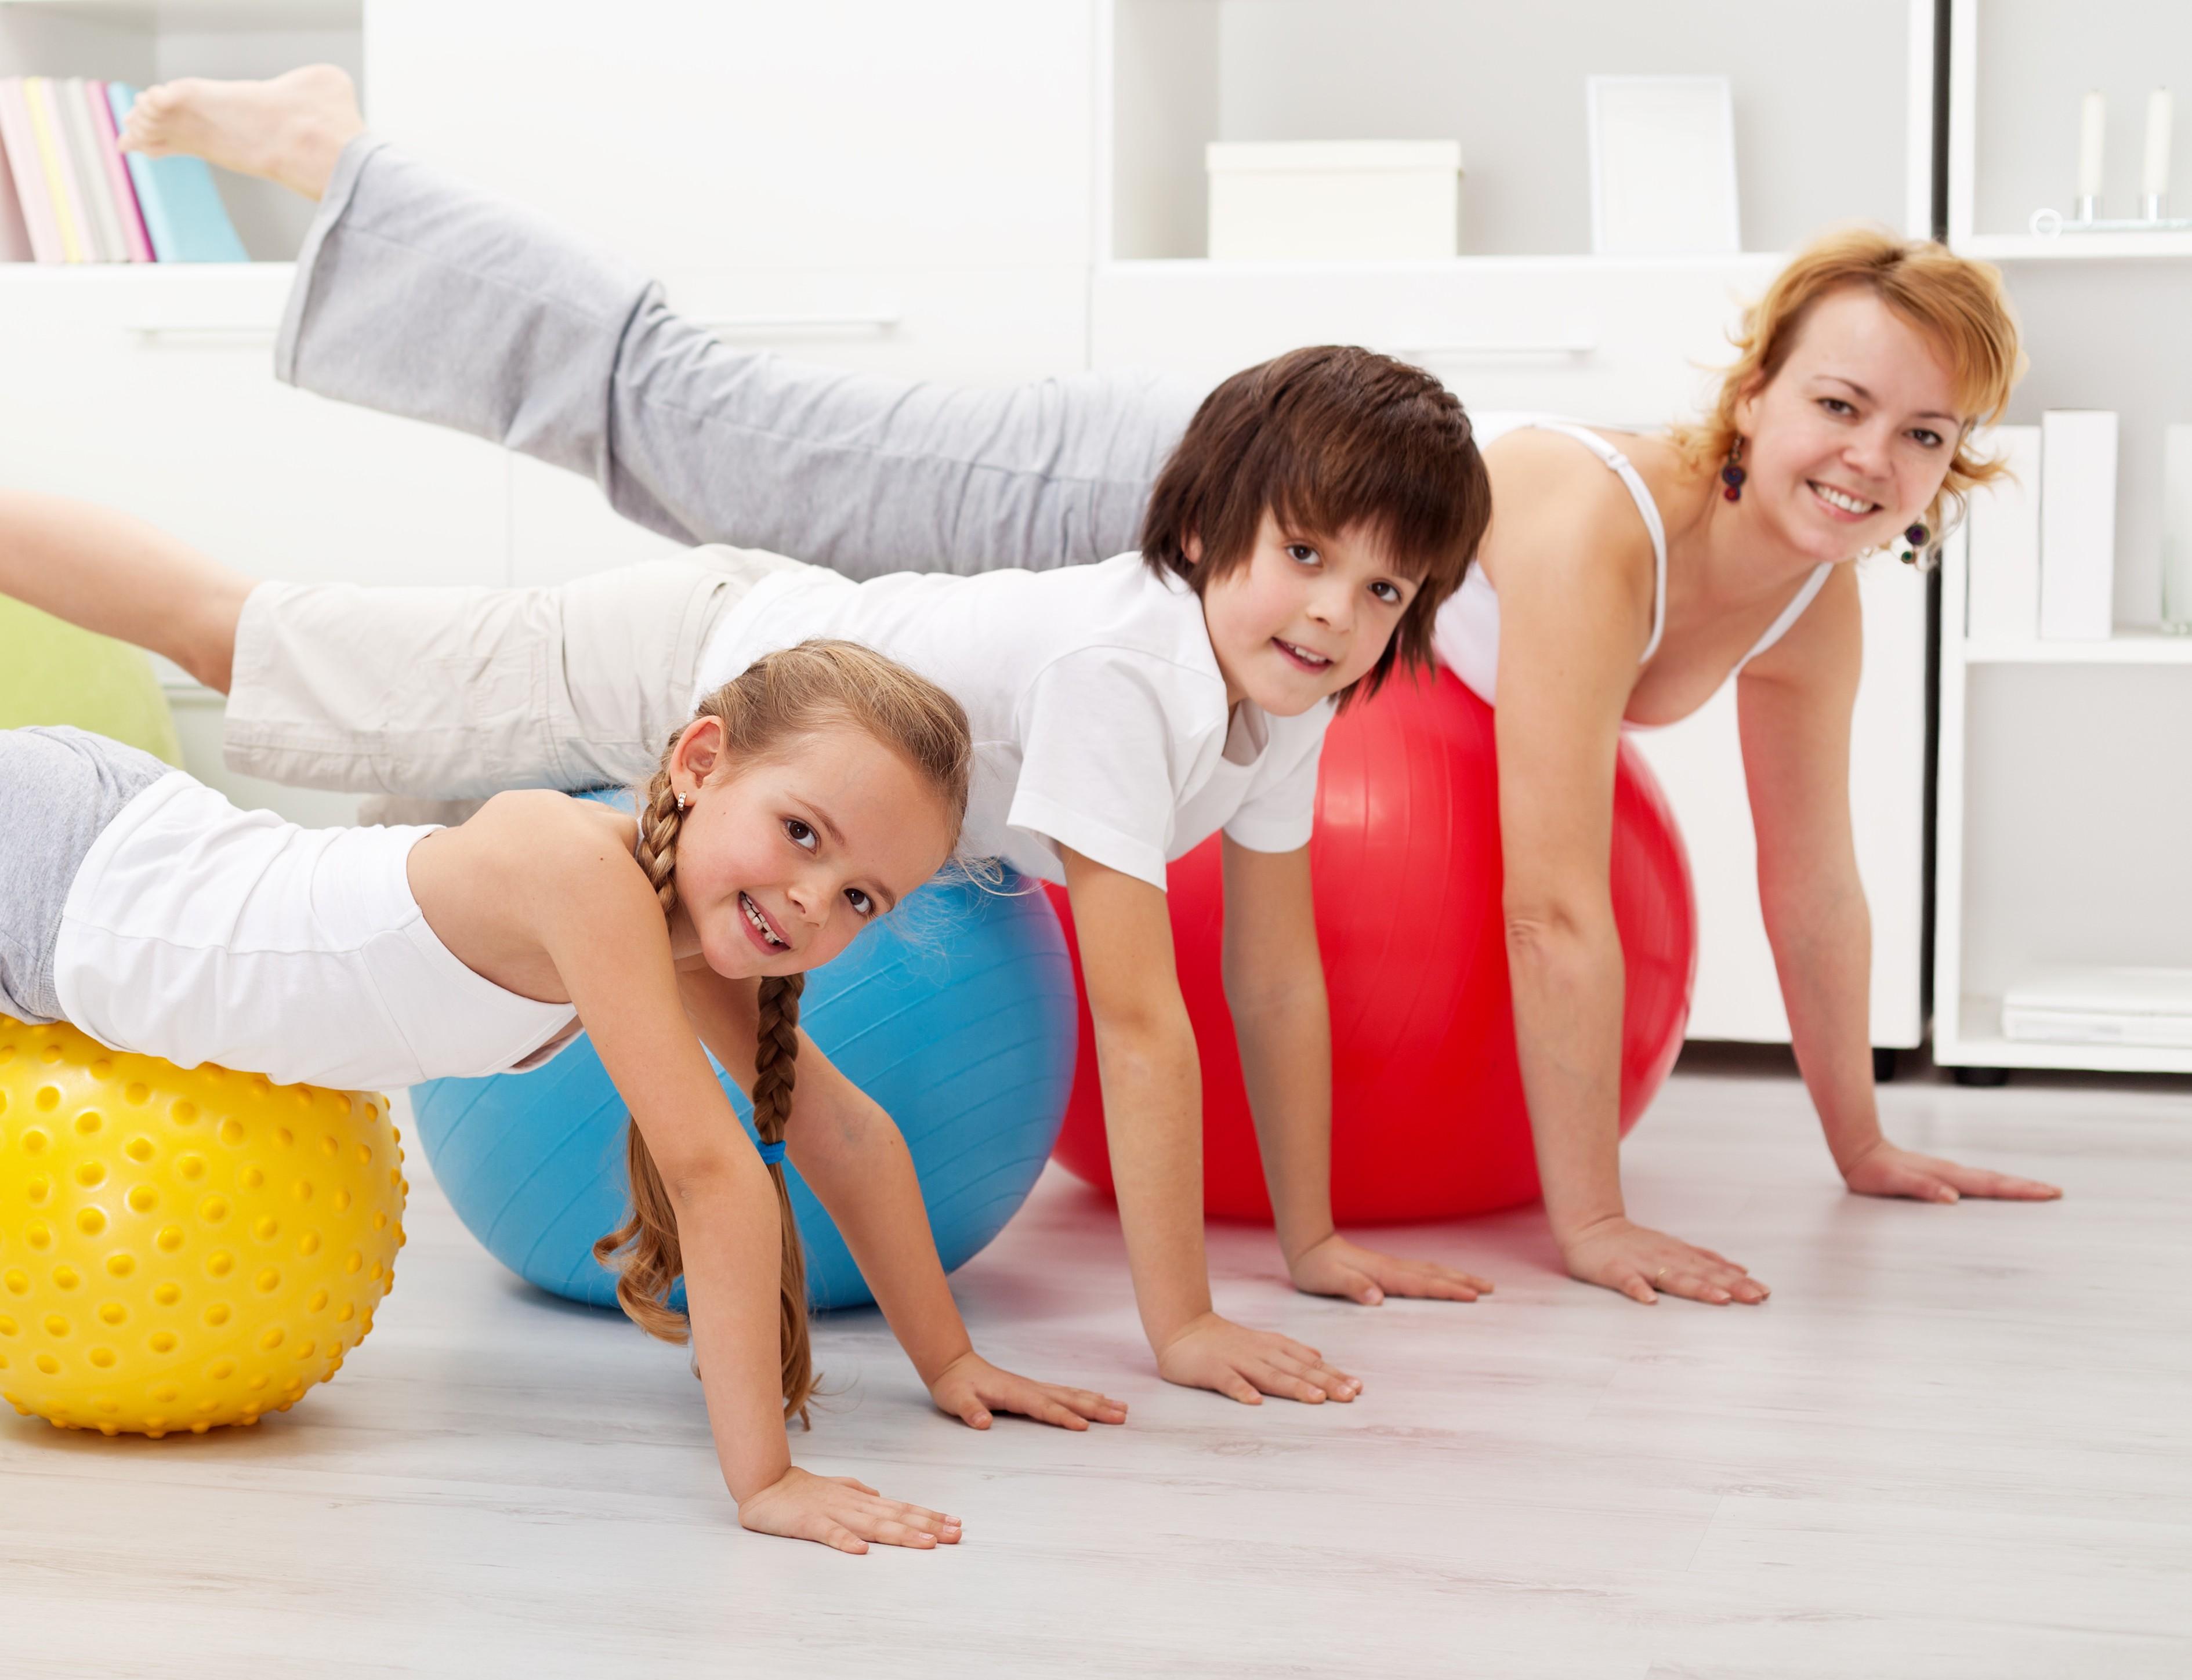 годы, спортивные картинки взрослых с детьми семейных номерах